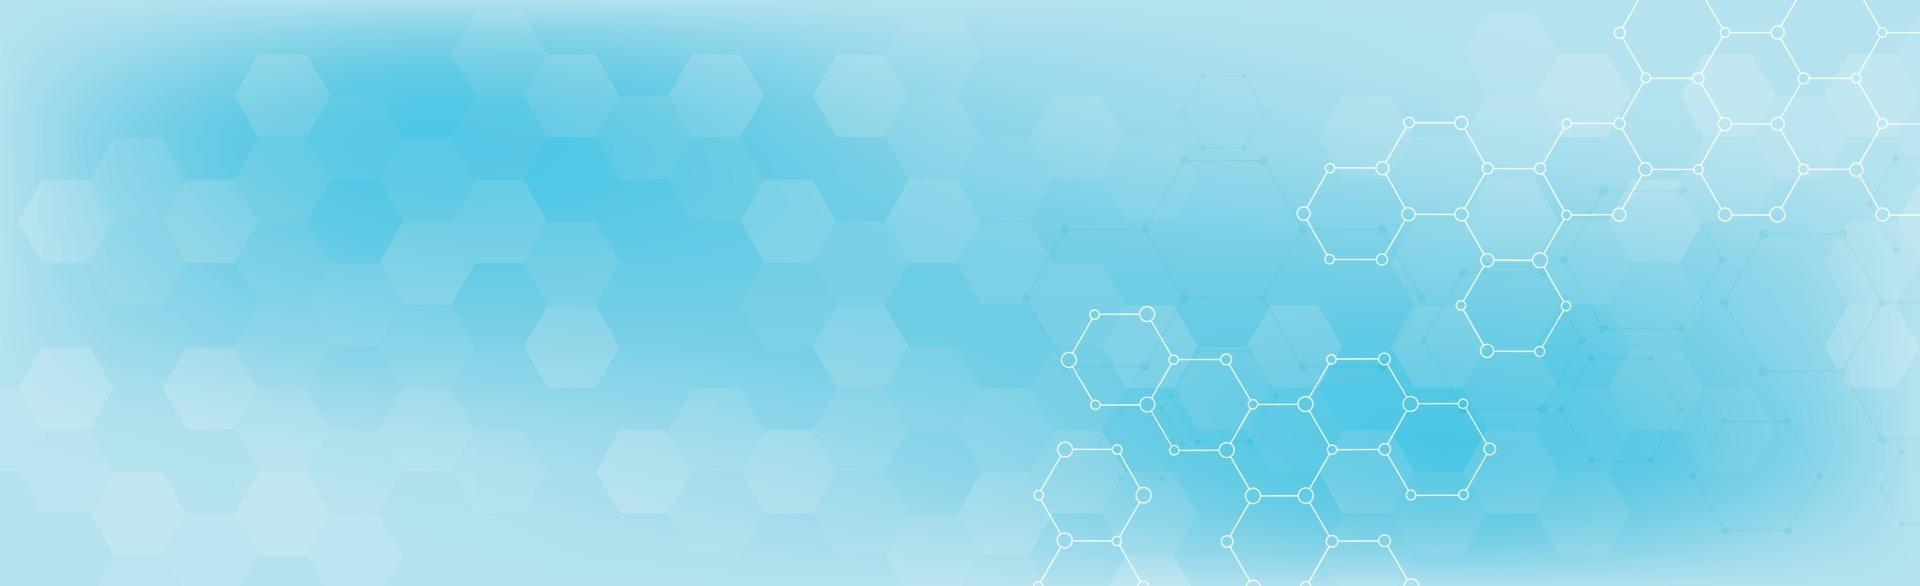 hexagoner av olika storlekar på en blå bakgrund - vektor